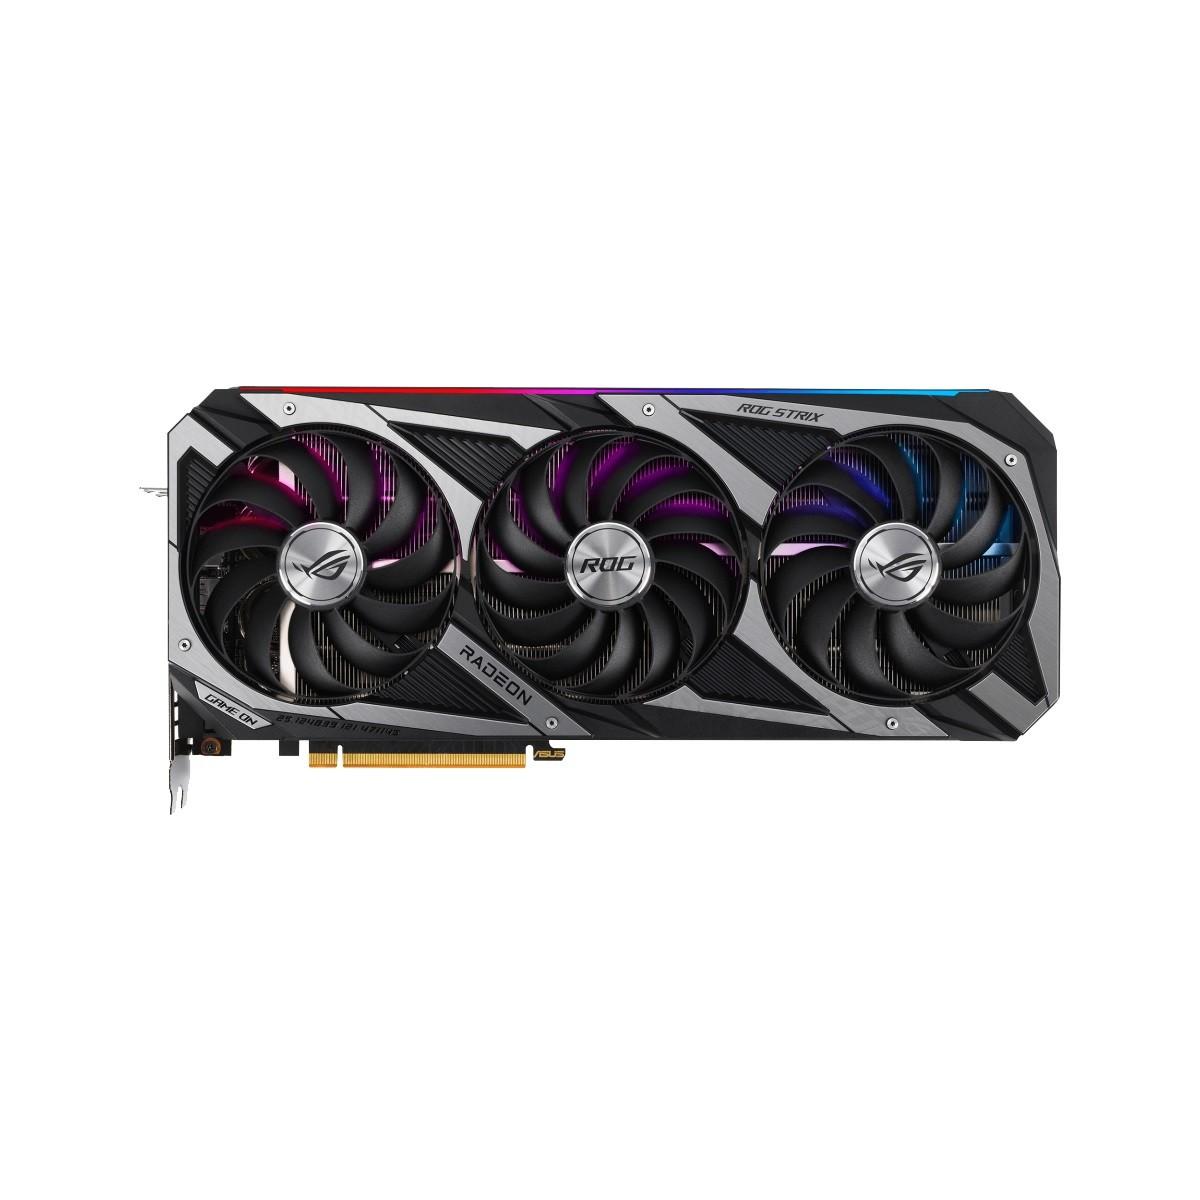 Kit Upgrade ASUS ROG STRIX Radeon RX 6700 XT + AMD Ryzen 9 5900X + Brinde Jogo Dirt 5